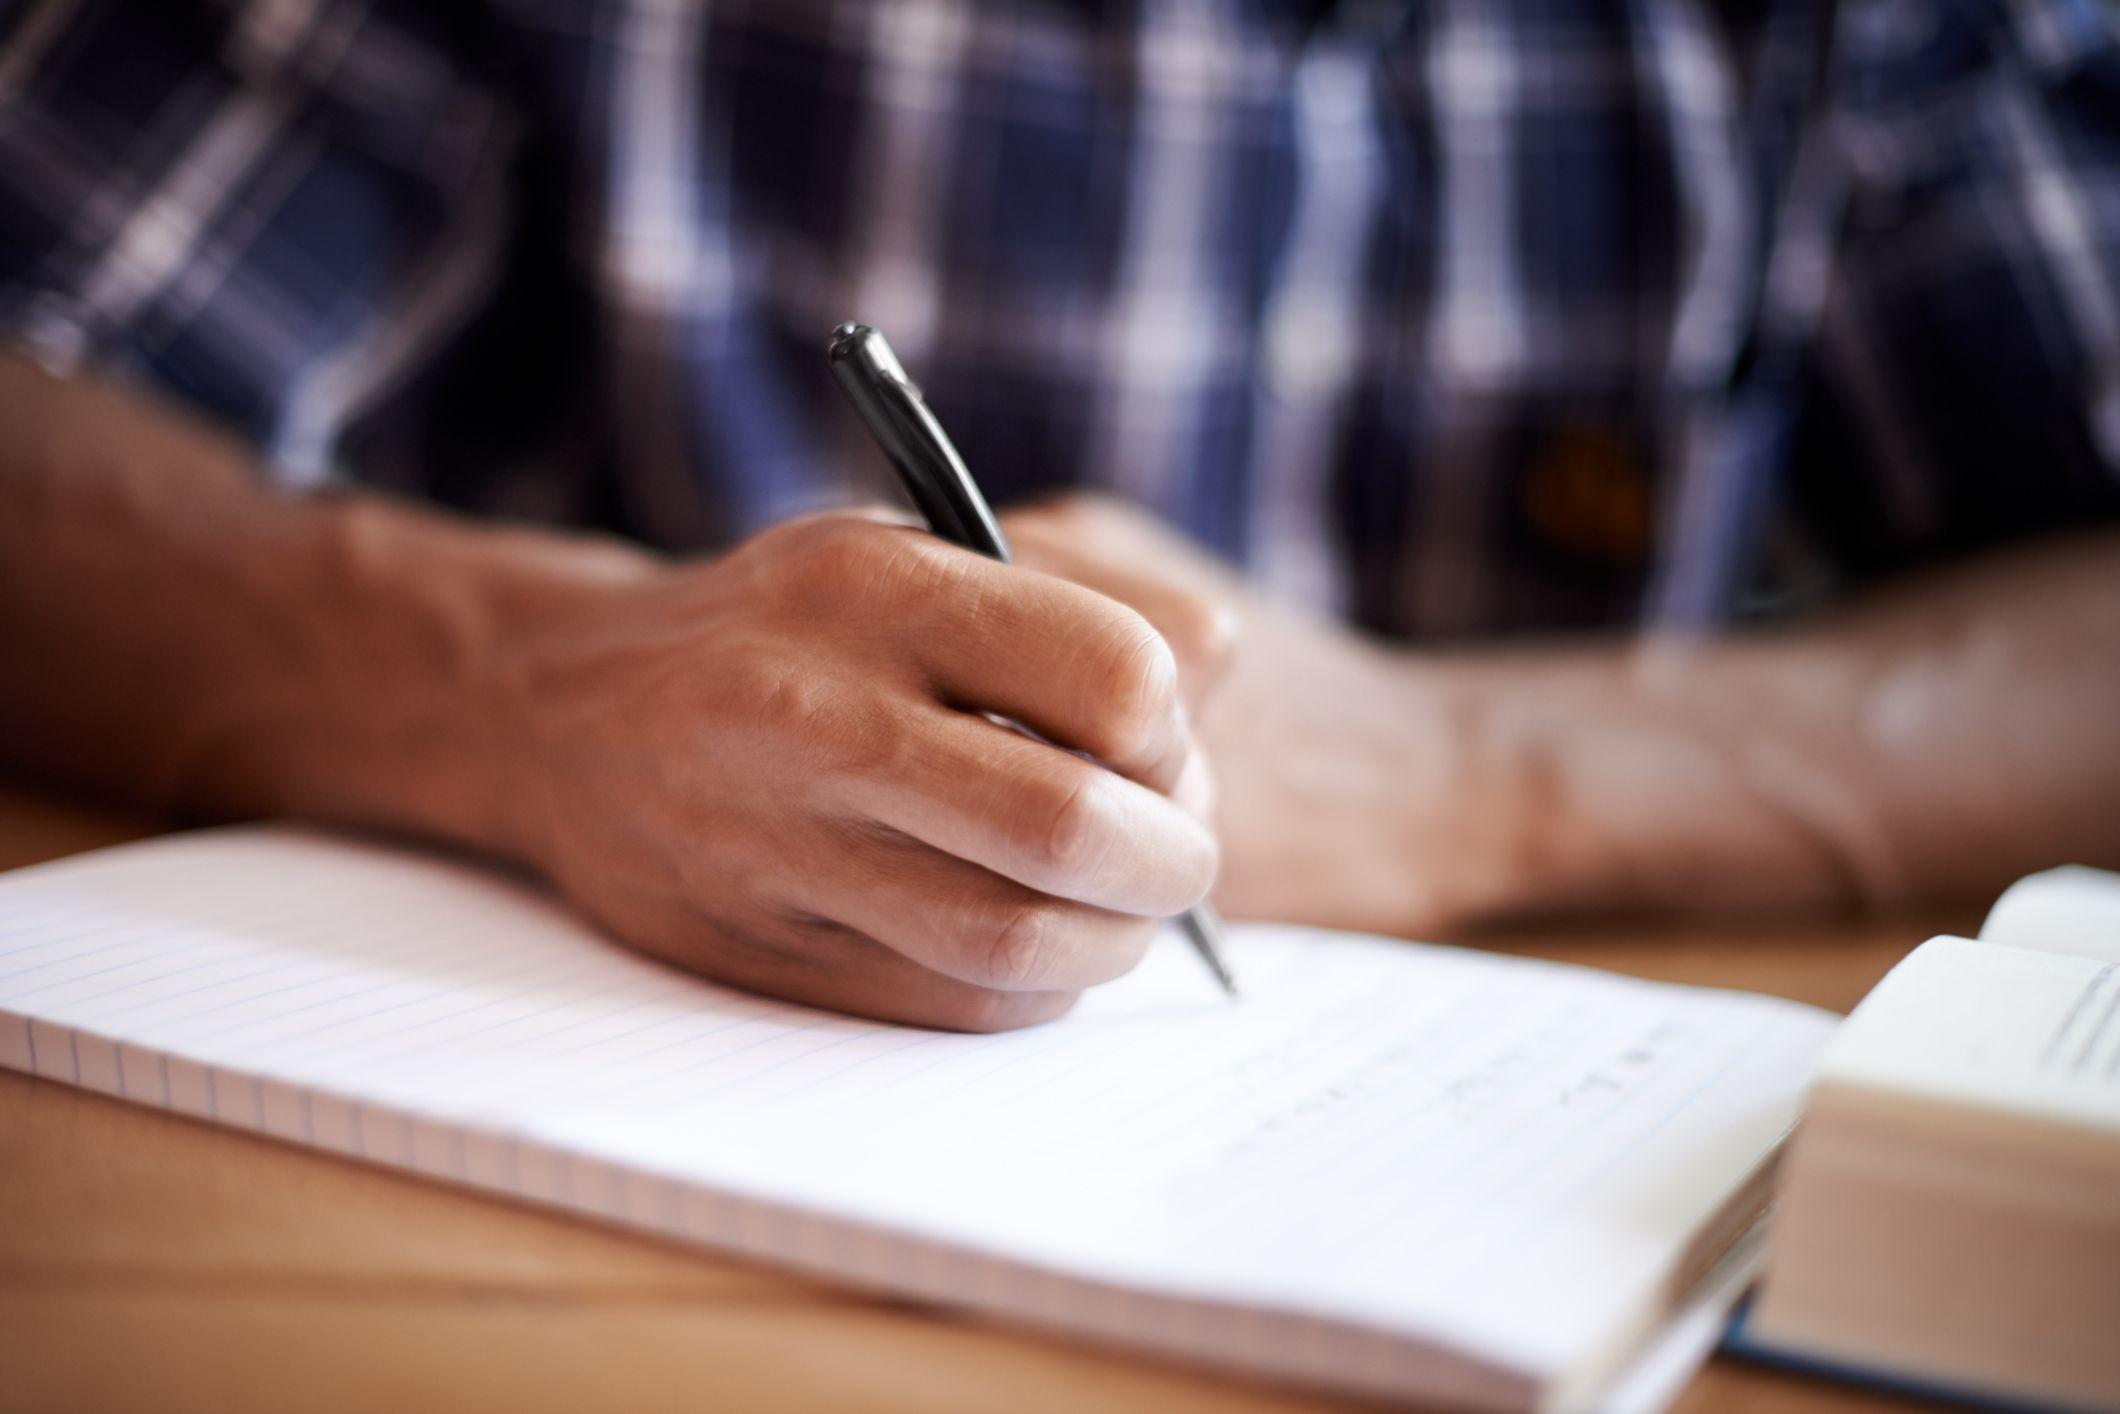 Auto thesis writer